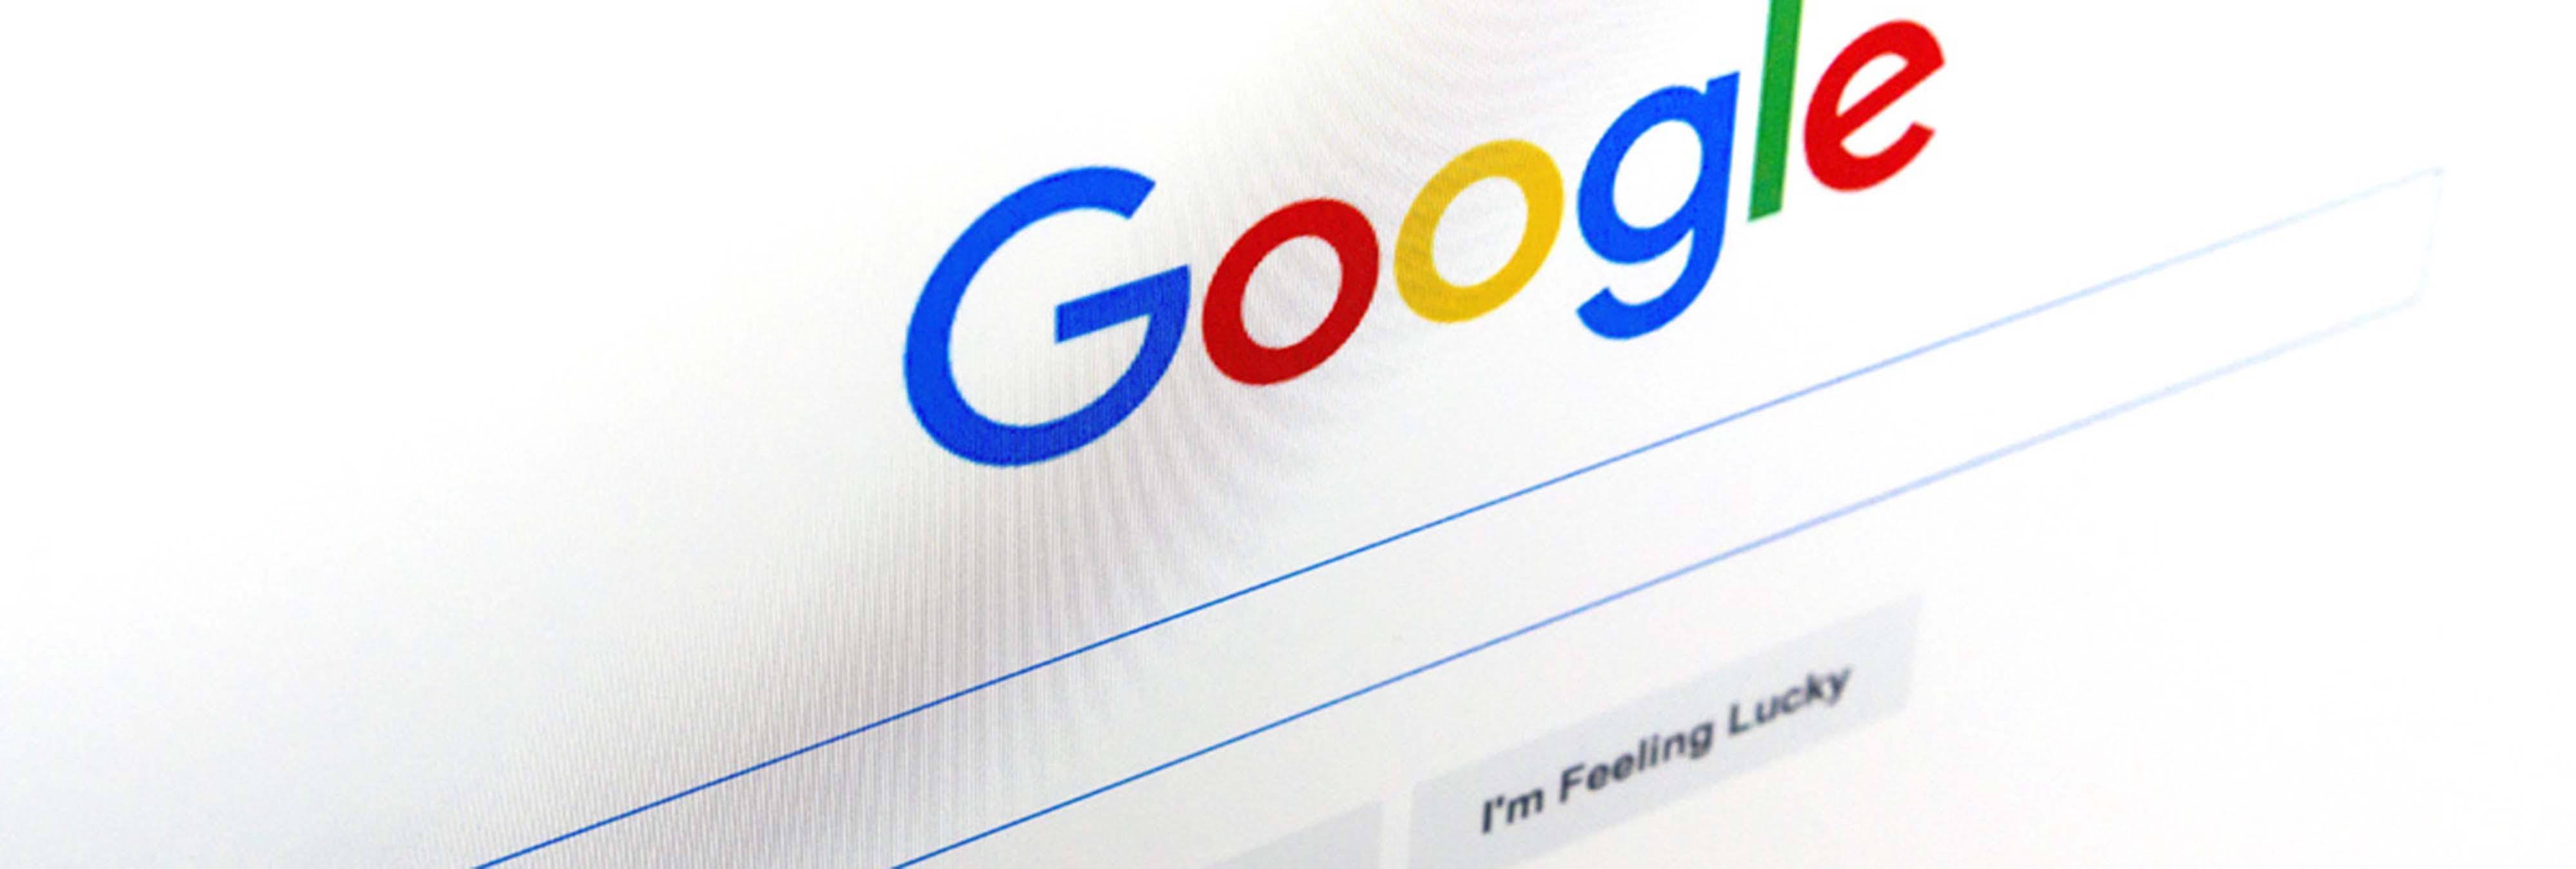 Google también se equivoca: algunos de sus grandes fracasos